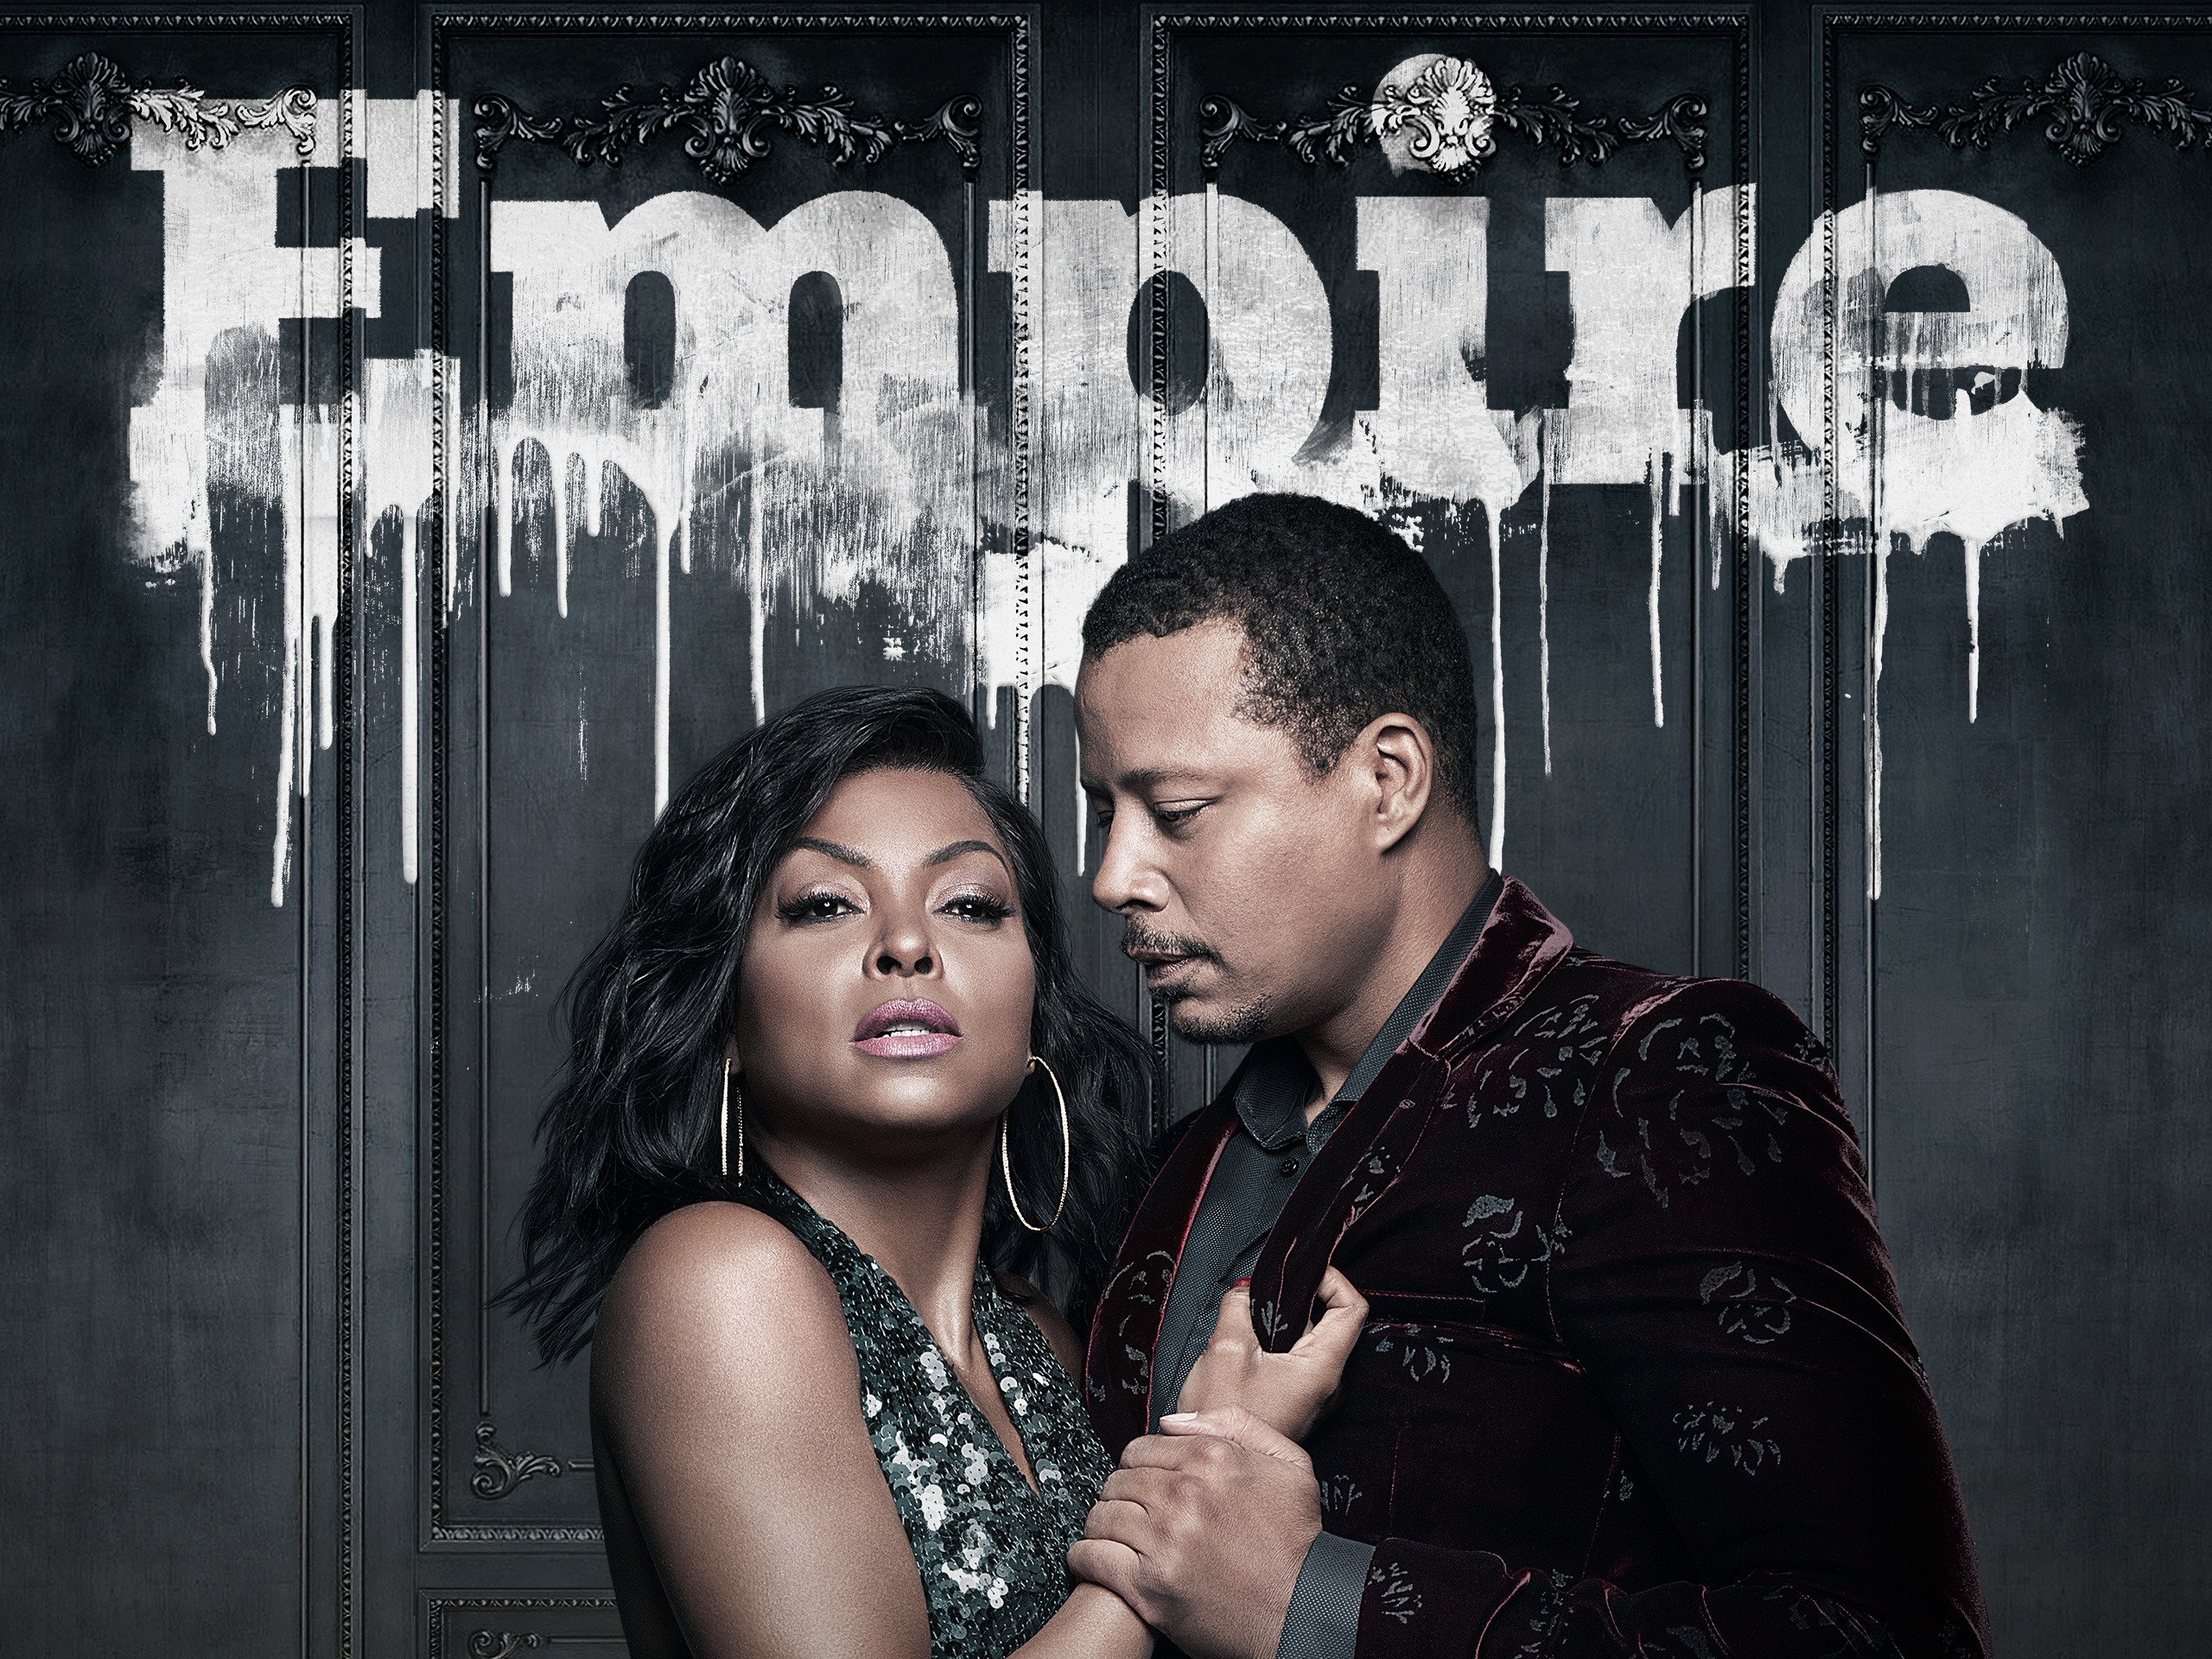 empire season 4 episode 17 torrent download